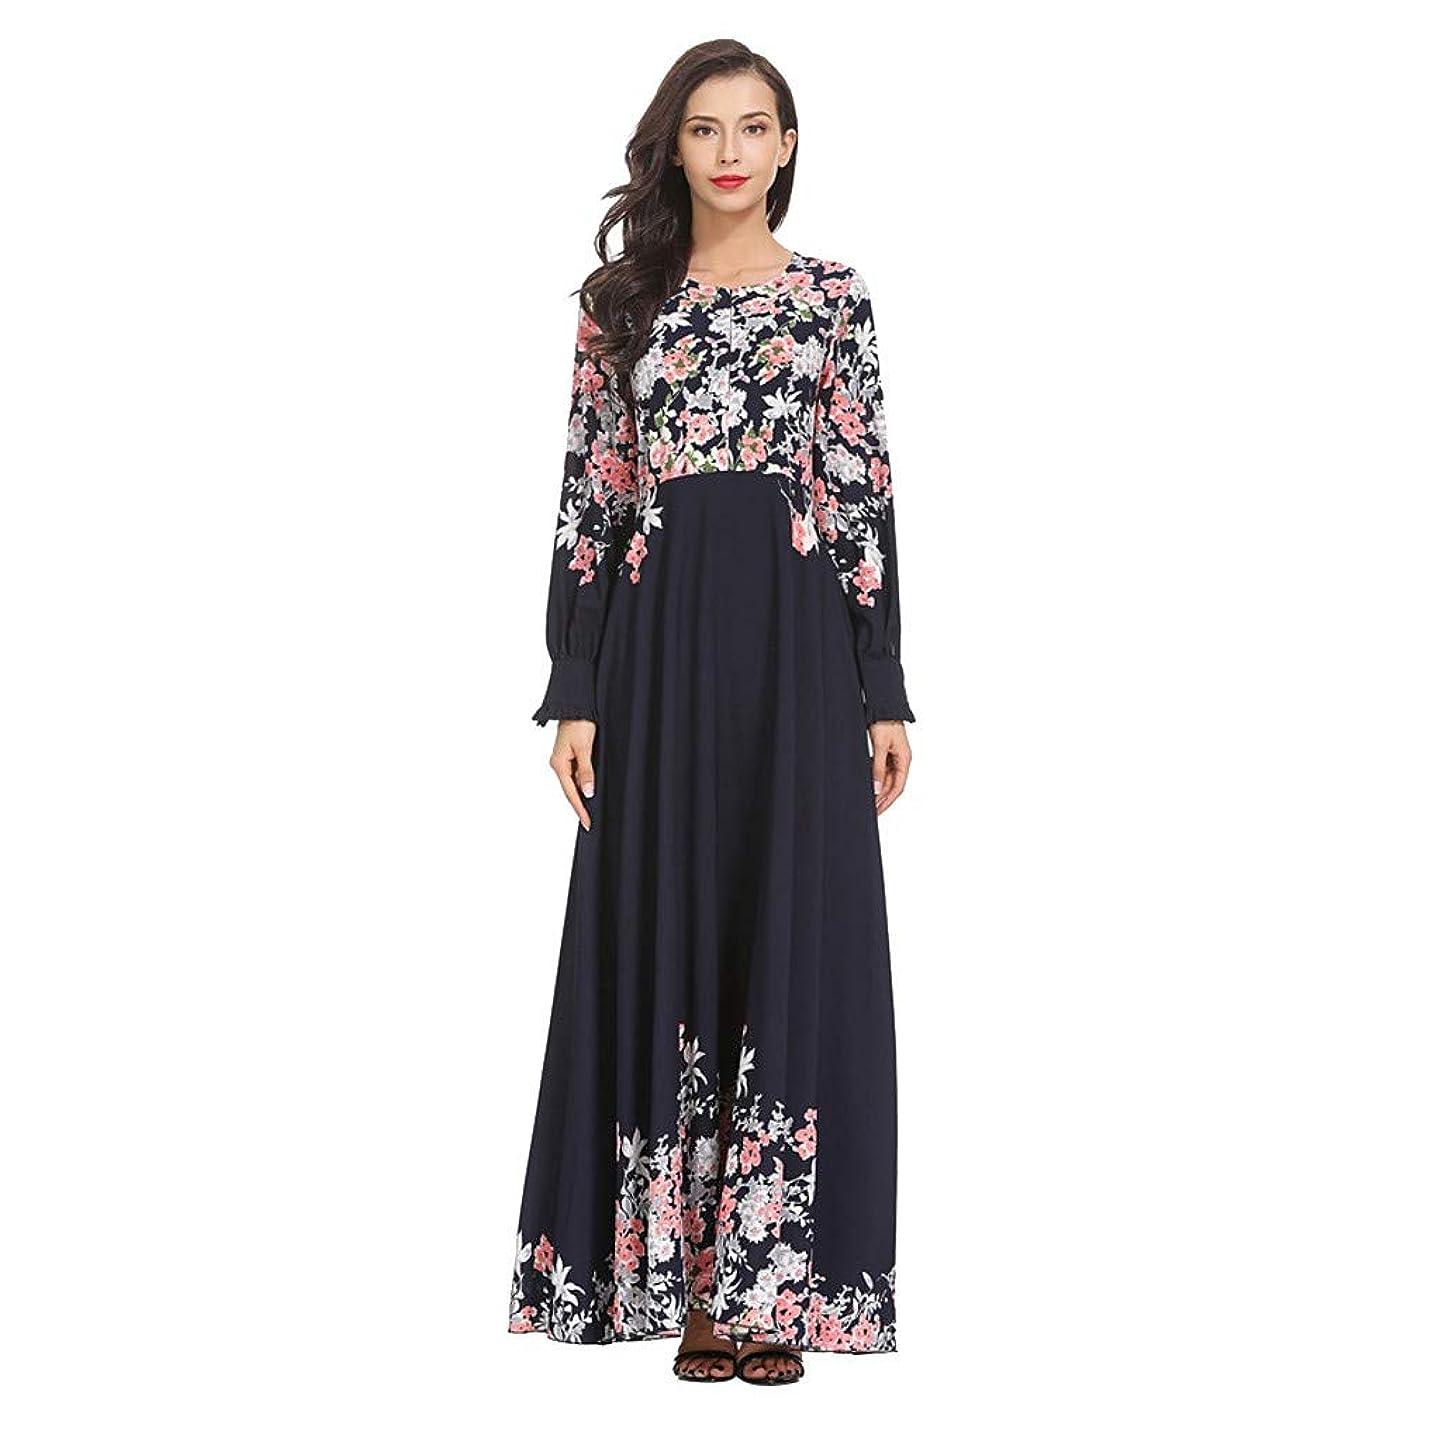 ZHENBAO Women High Waist Floral Muslim Long Sleeve Arab Dress Party Long Maxi Dress